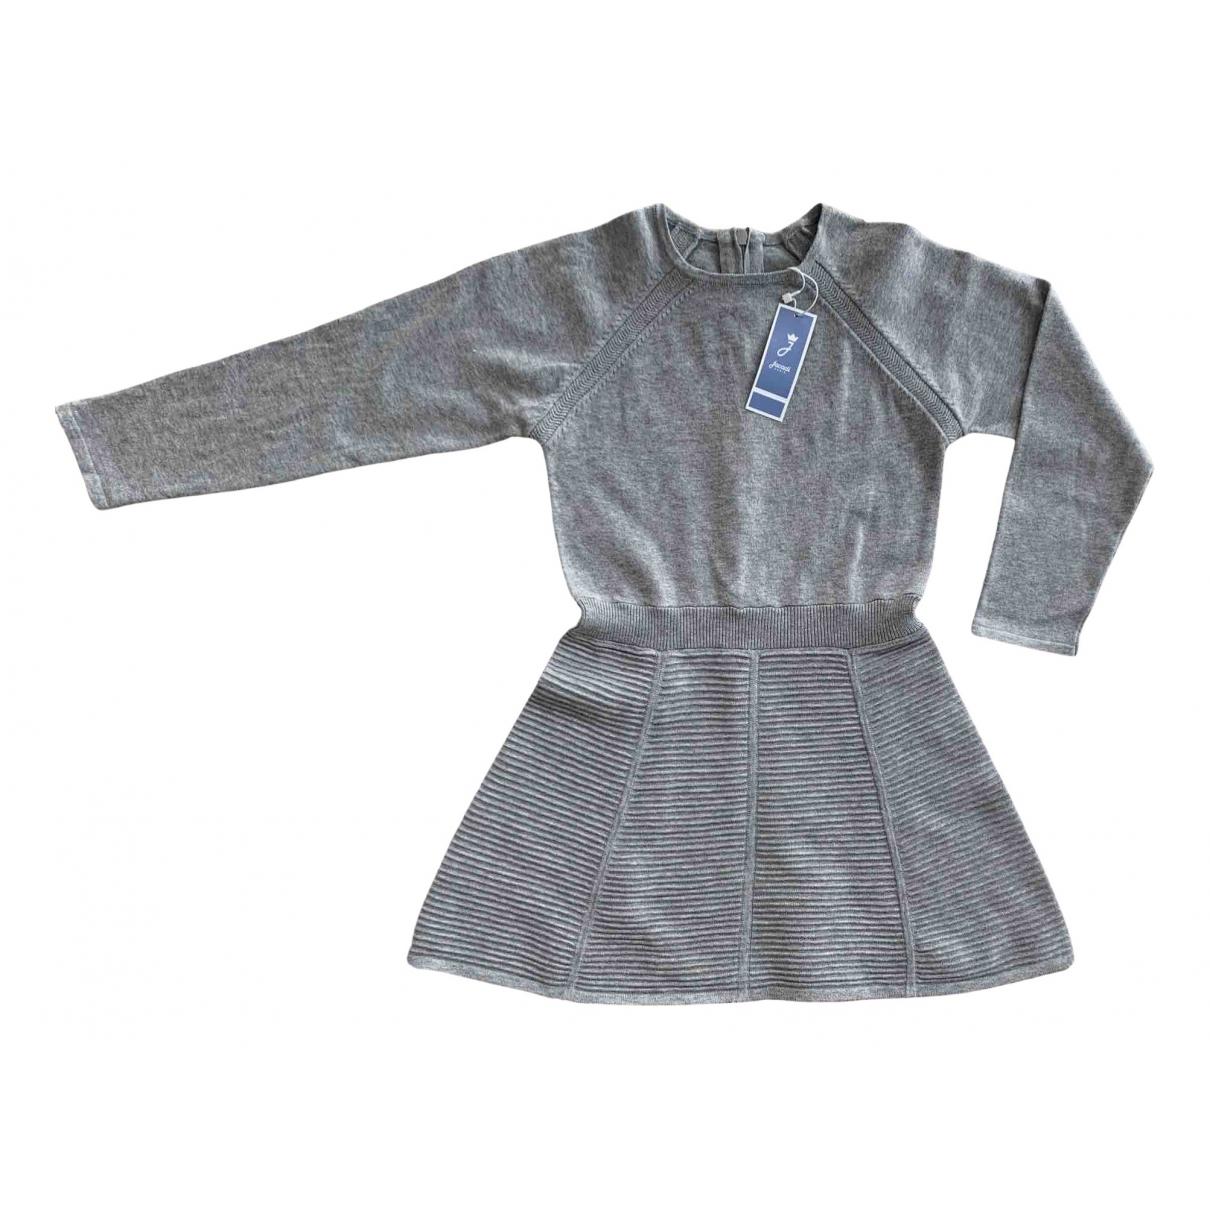 Jacadi \N Kleid in  Grau Baumwolle